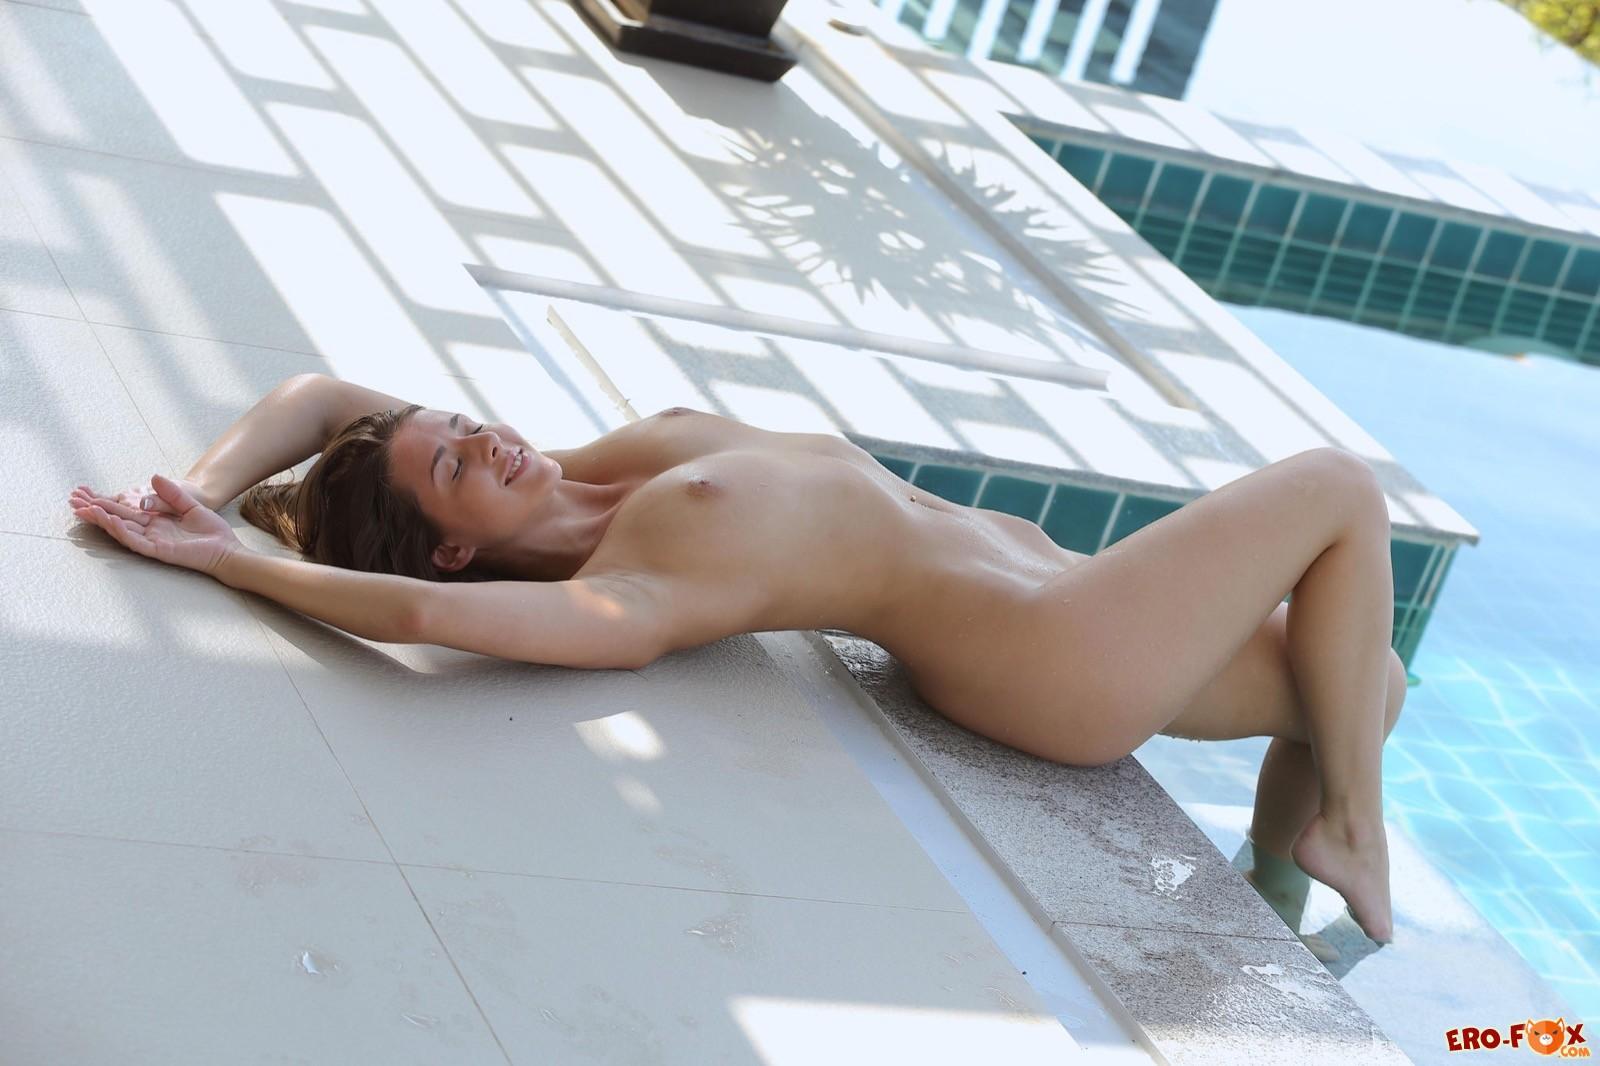 Голая девушка искупалась в бассейне